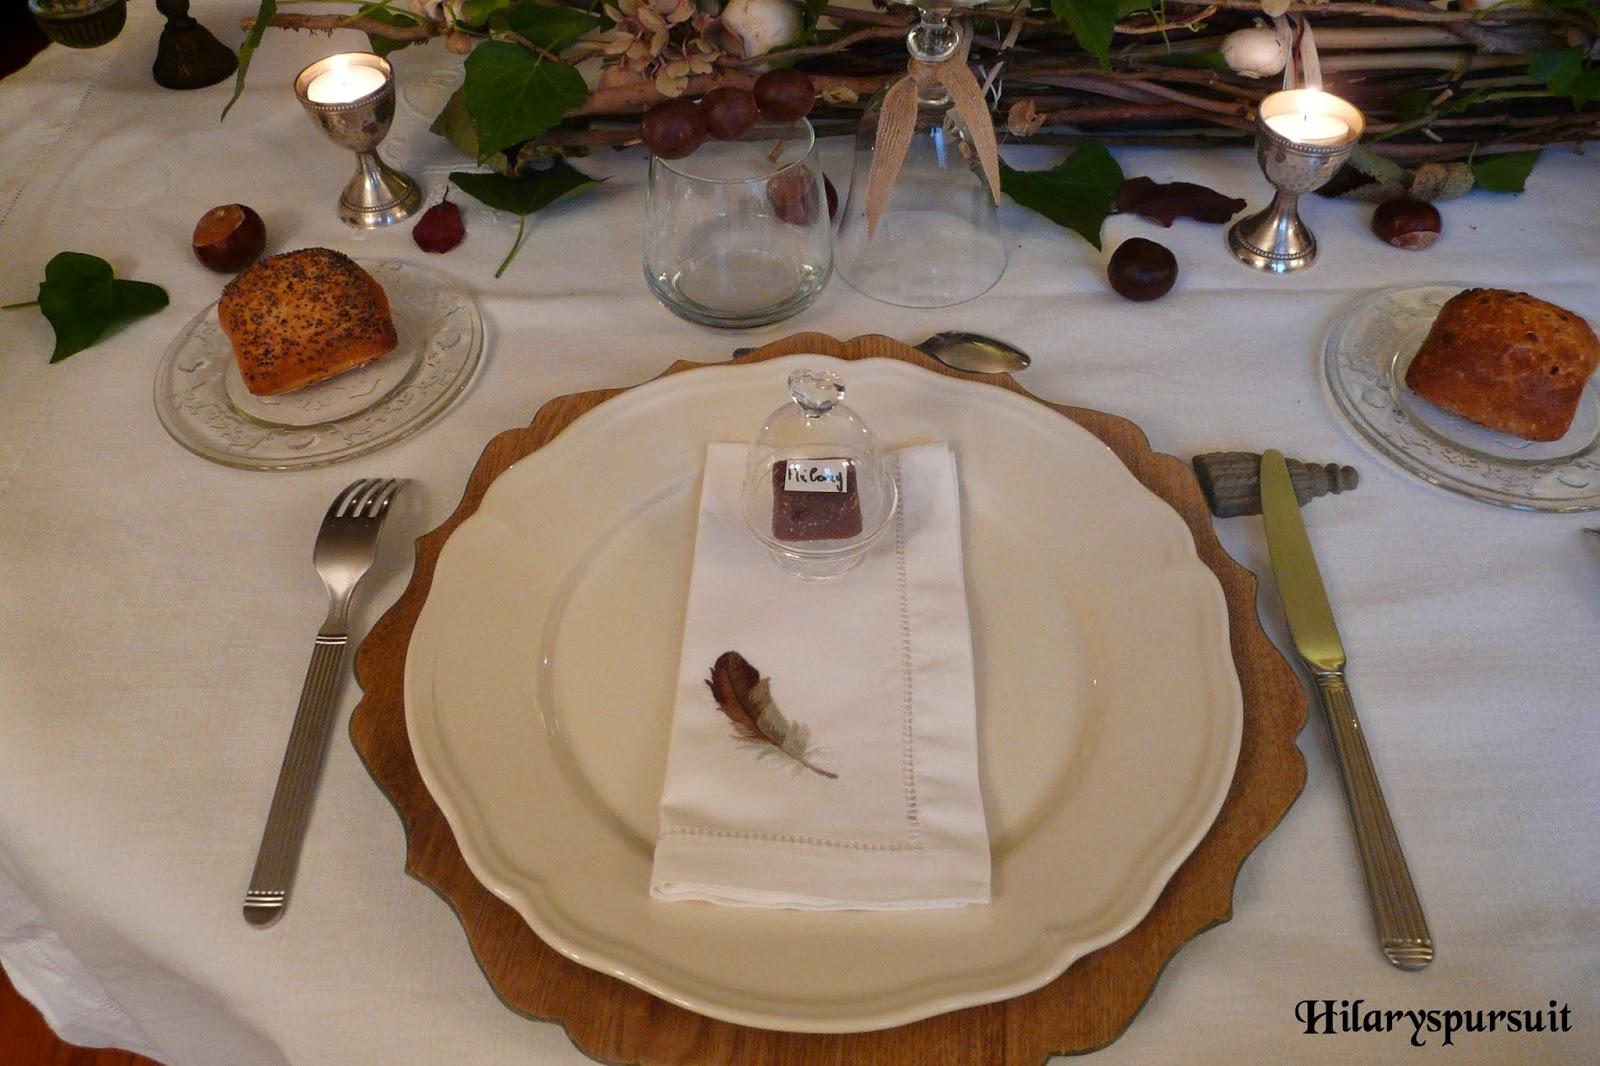 Dans la cuisine d 39 hilary table d 39 automne comme une balade for Assiette jardin d ulysse